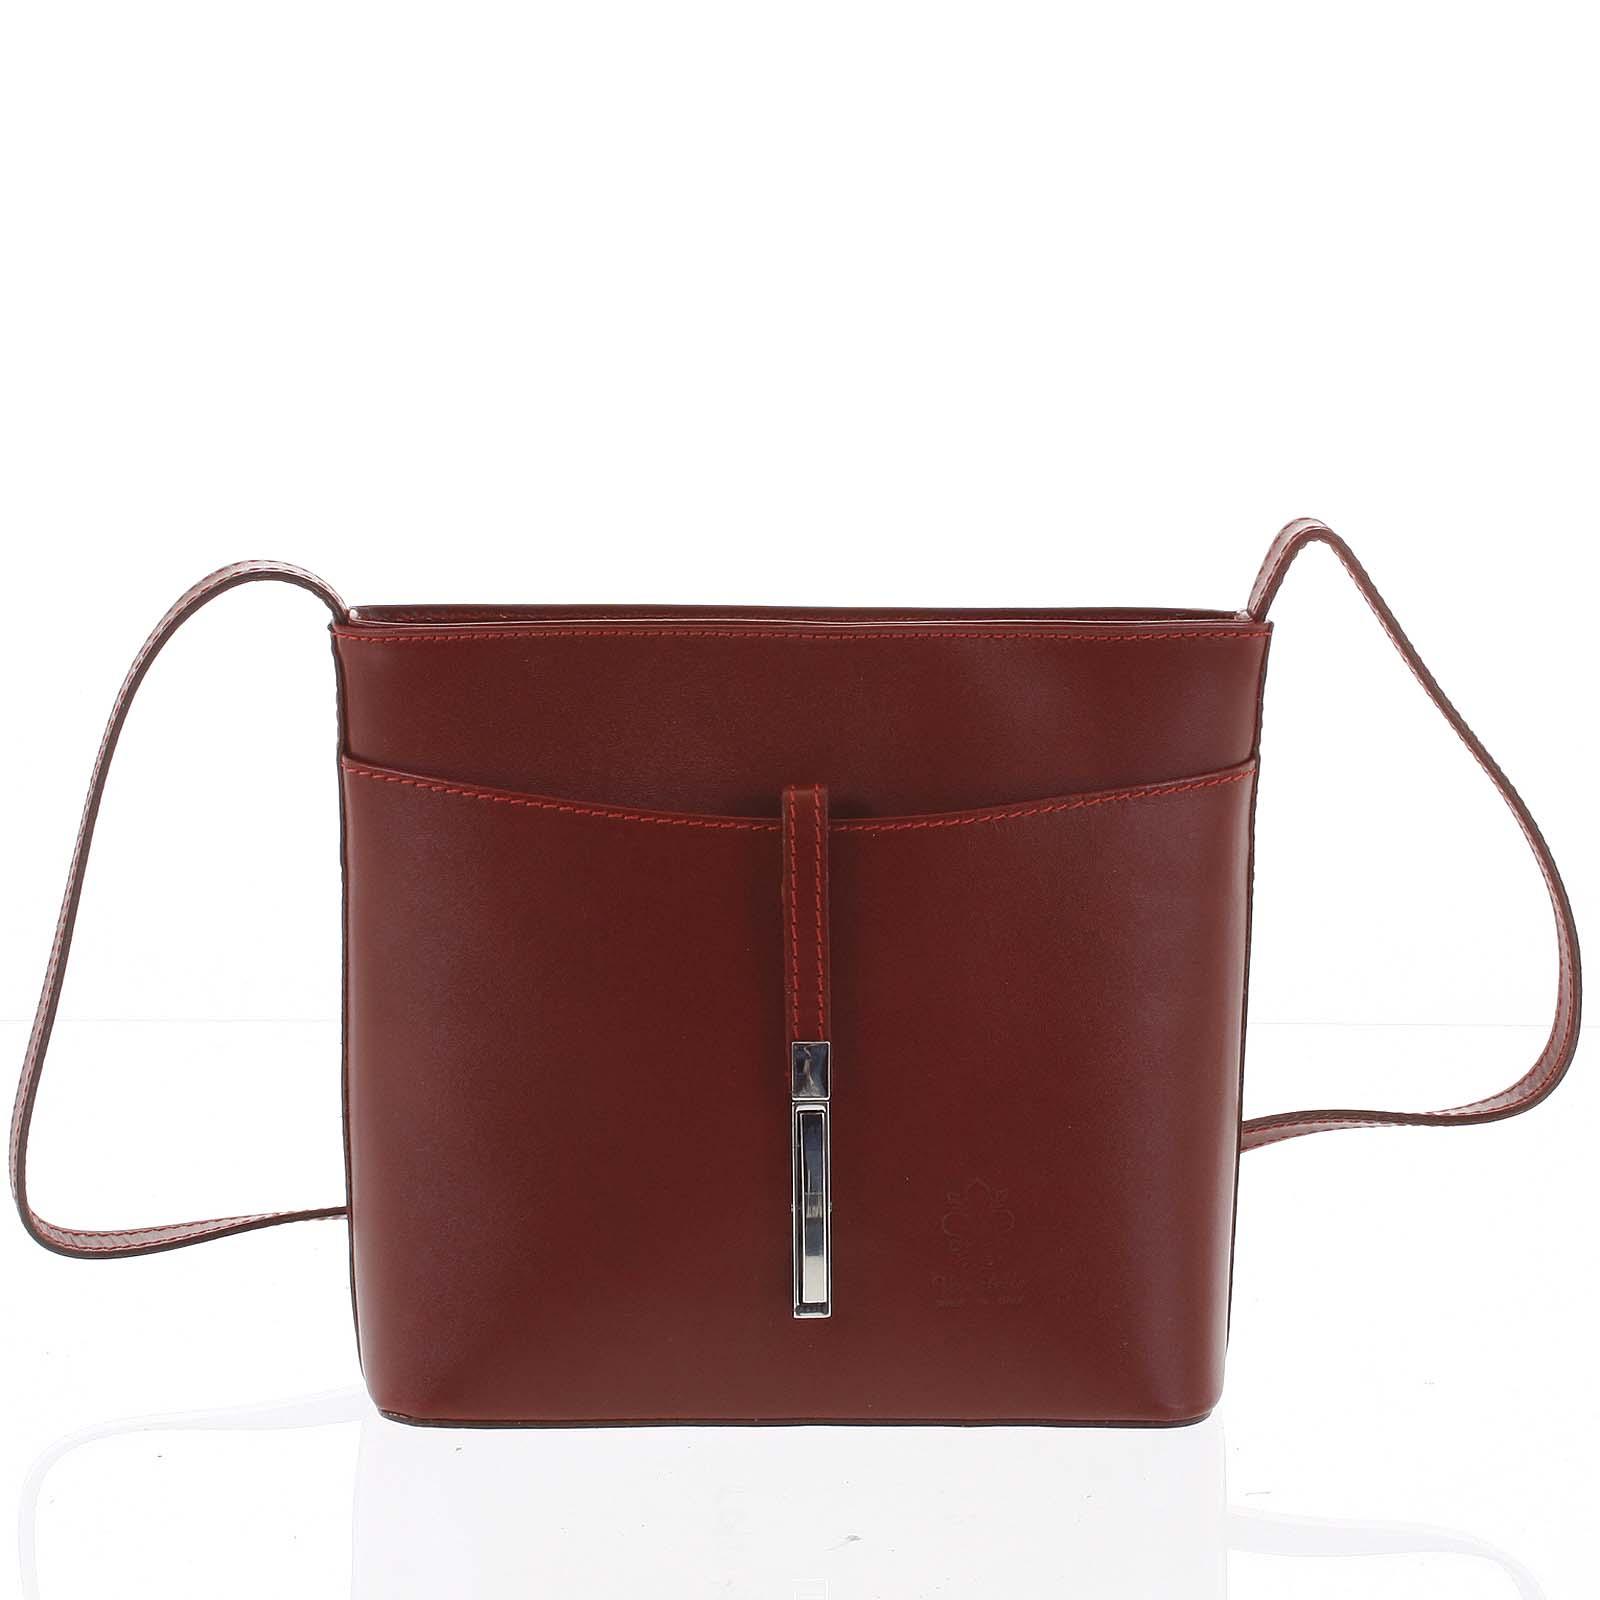 Dámská kožená crossbody kabelka červená - ItalY Aneta